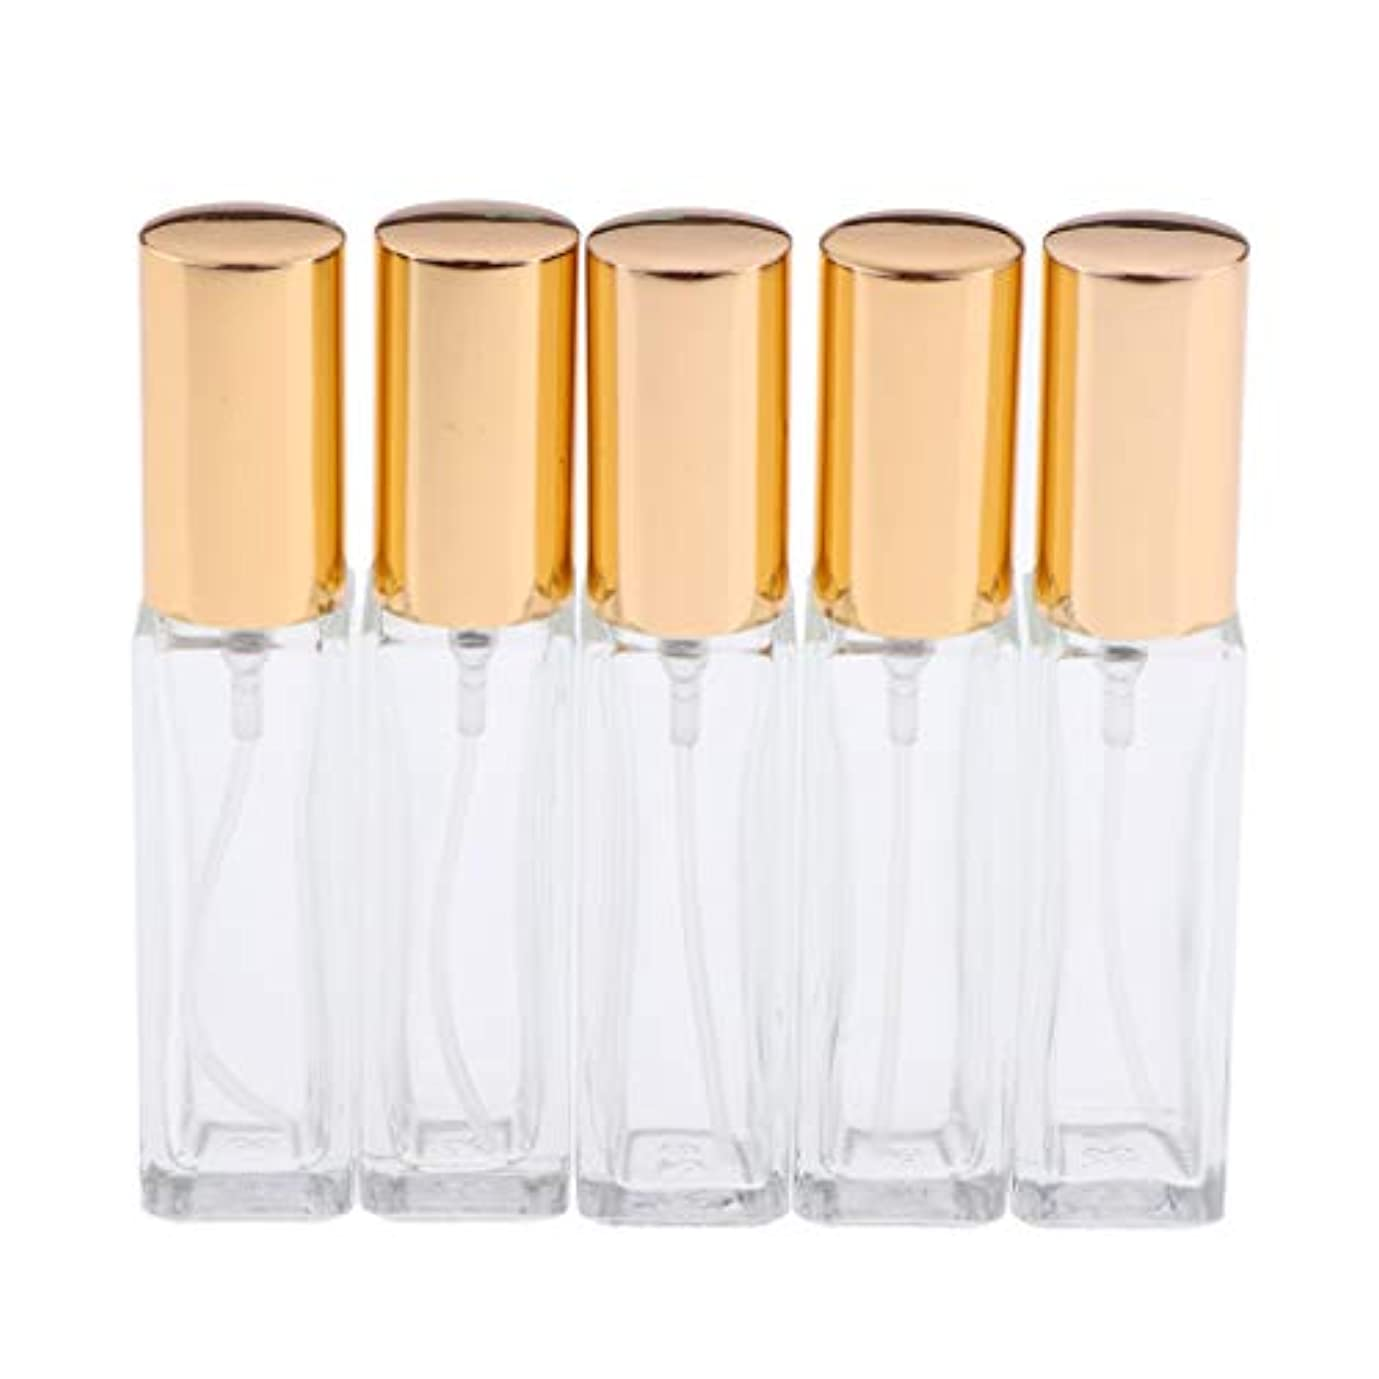 スコットランド人ヒゲクジラ義務的5空瓶ポケットスプレーボトル詰め替え式香水アトマイザー絶妙な漏れ防止香水瓶美容ツール - ゴールデン